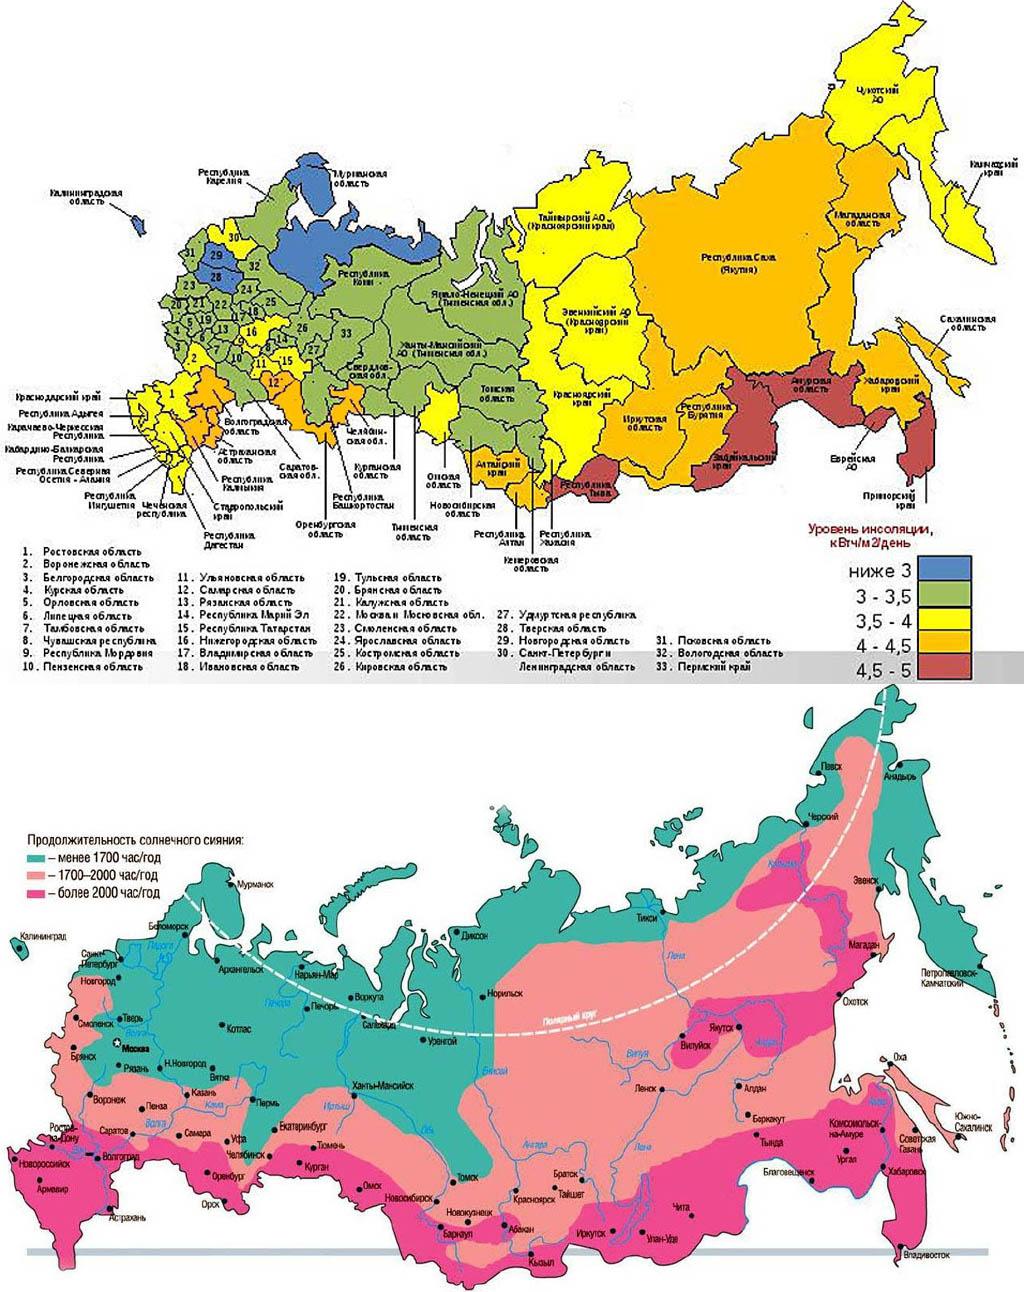 Ресурсы солнечной энергетики в России